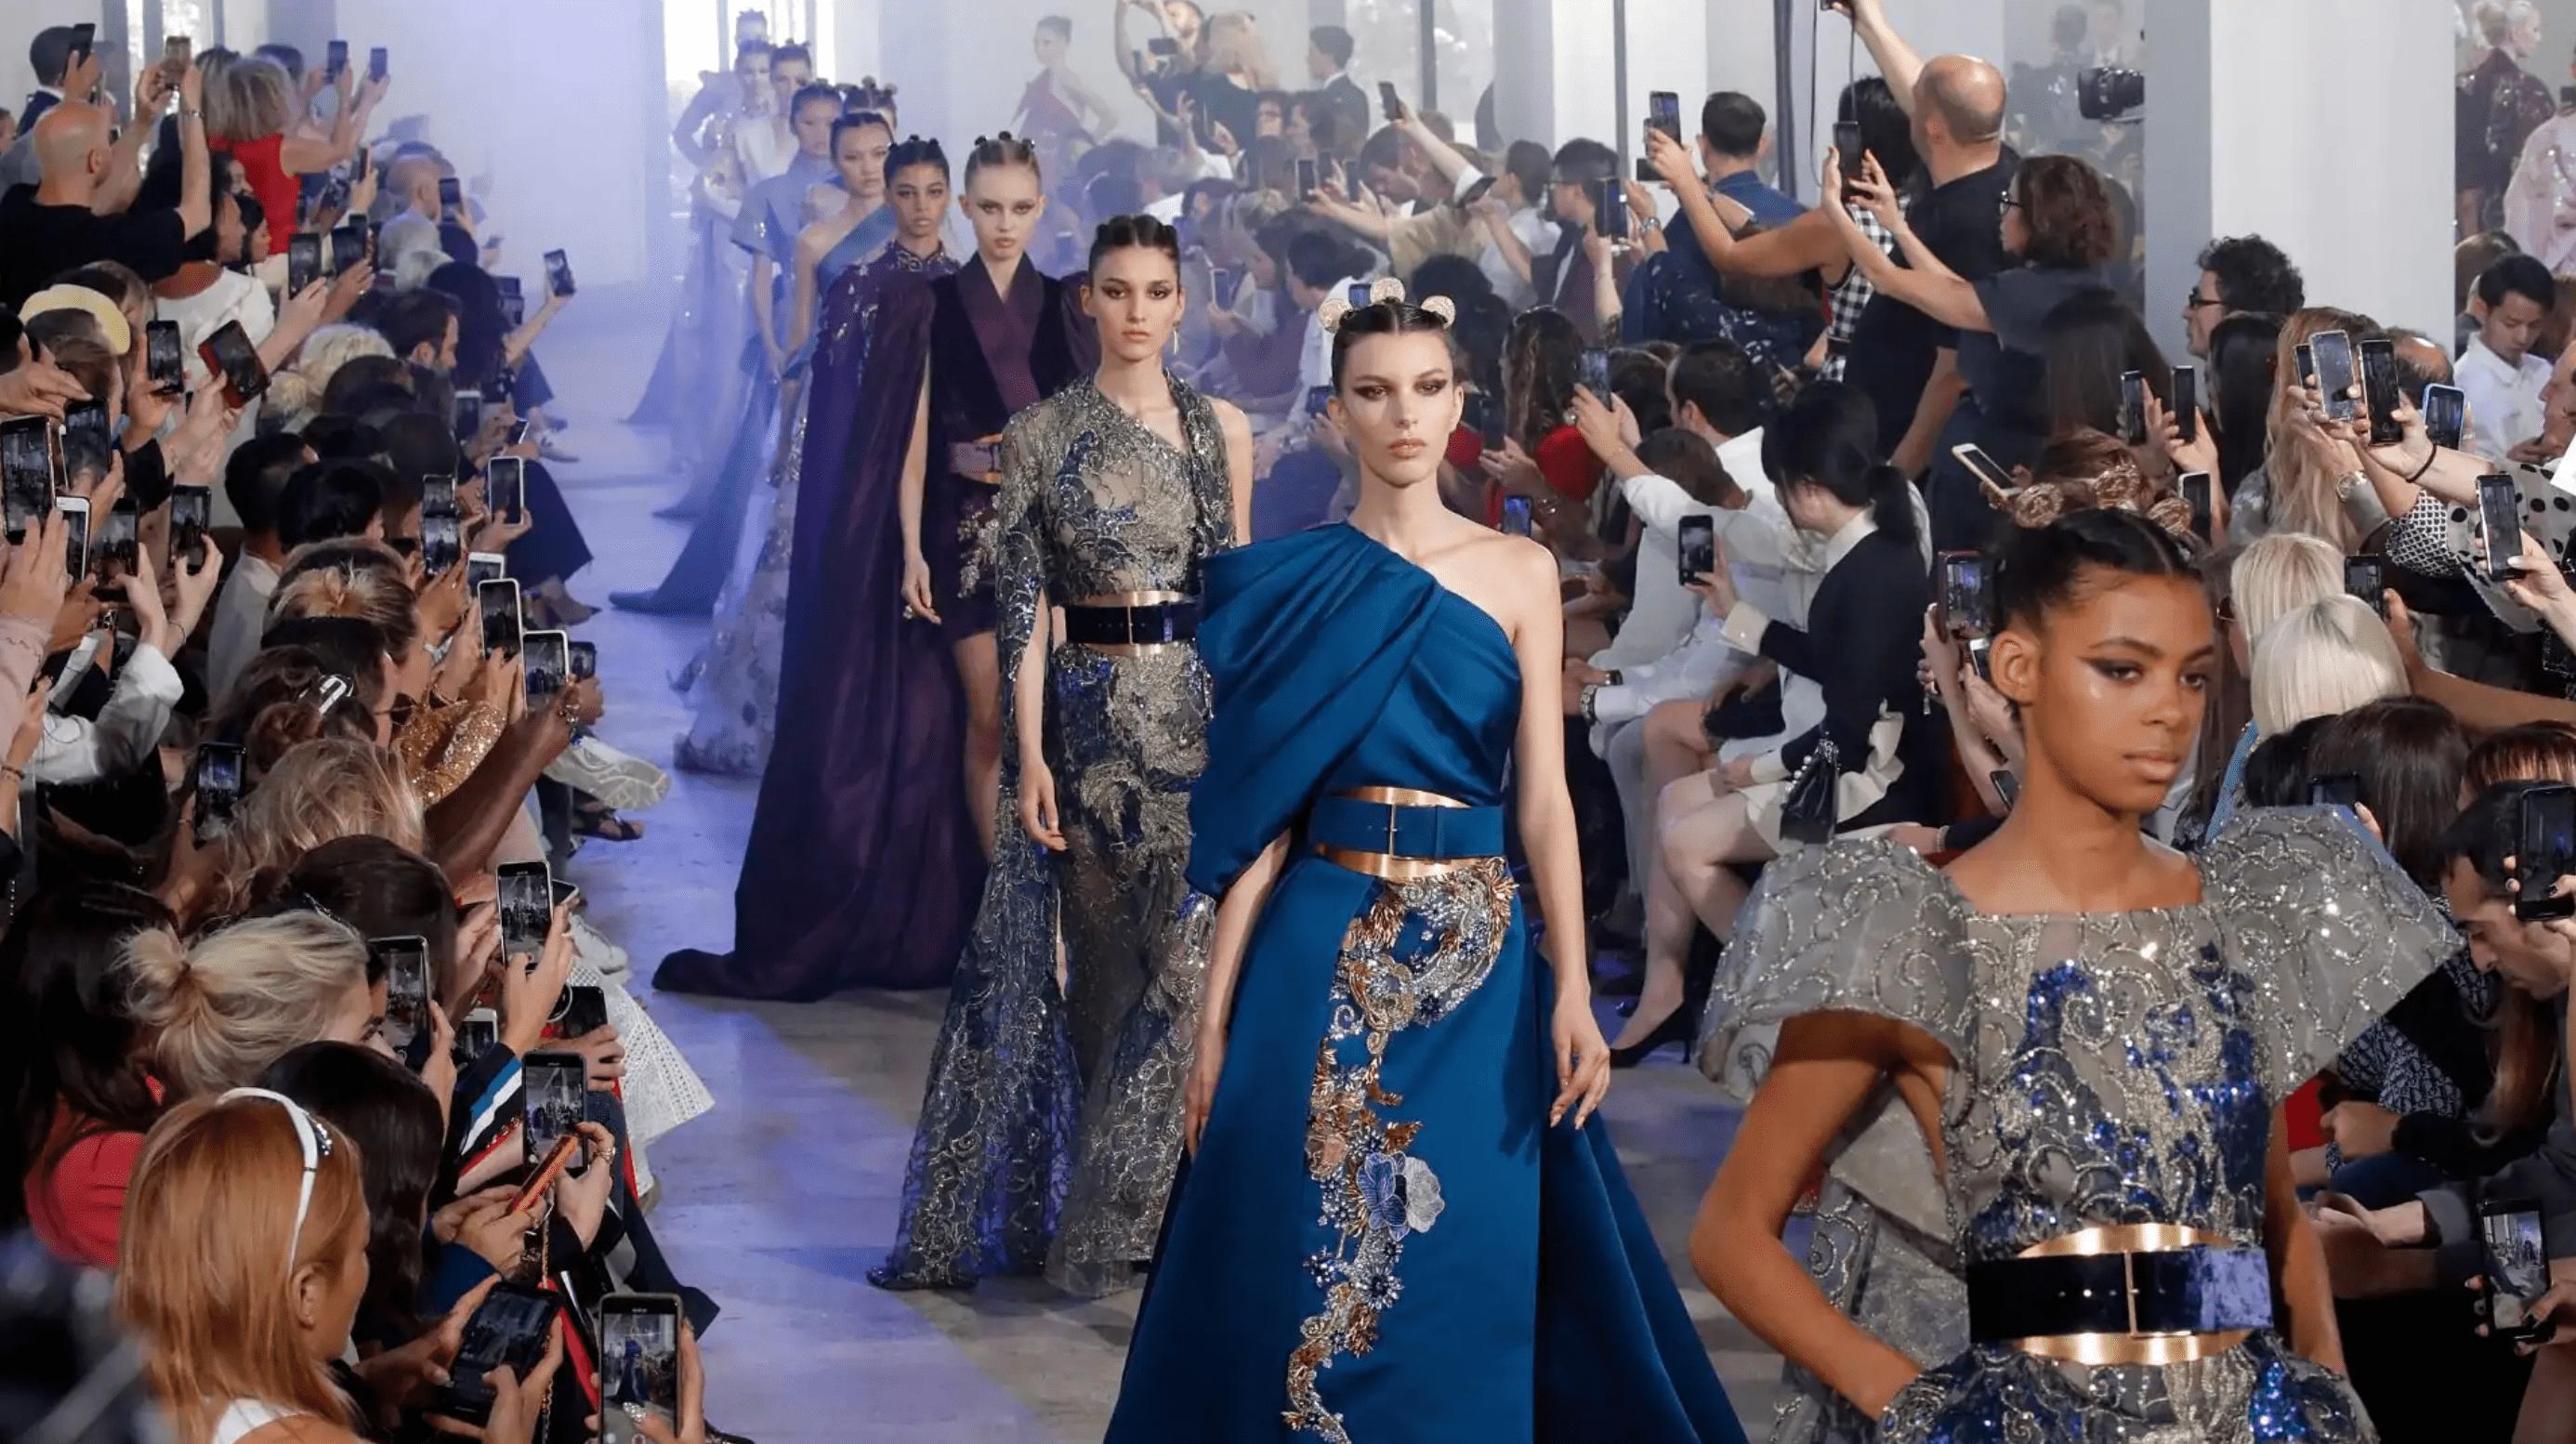 2021 巴黎高级定制时装周将于 7 月回归线下呈现